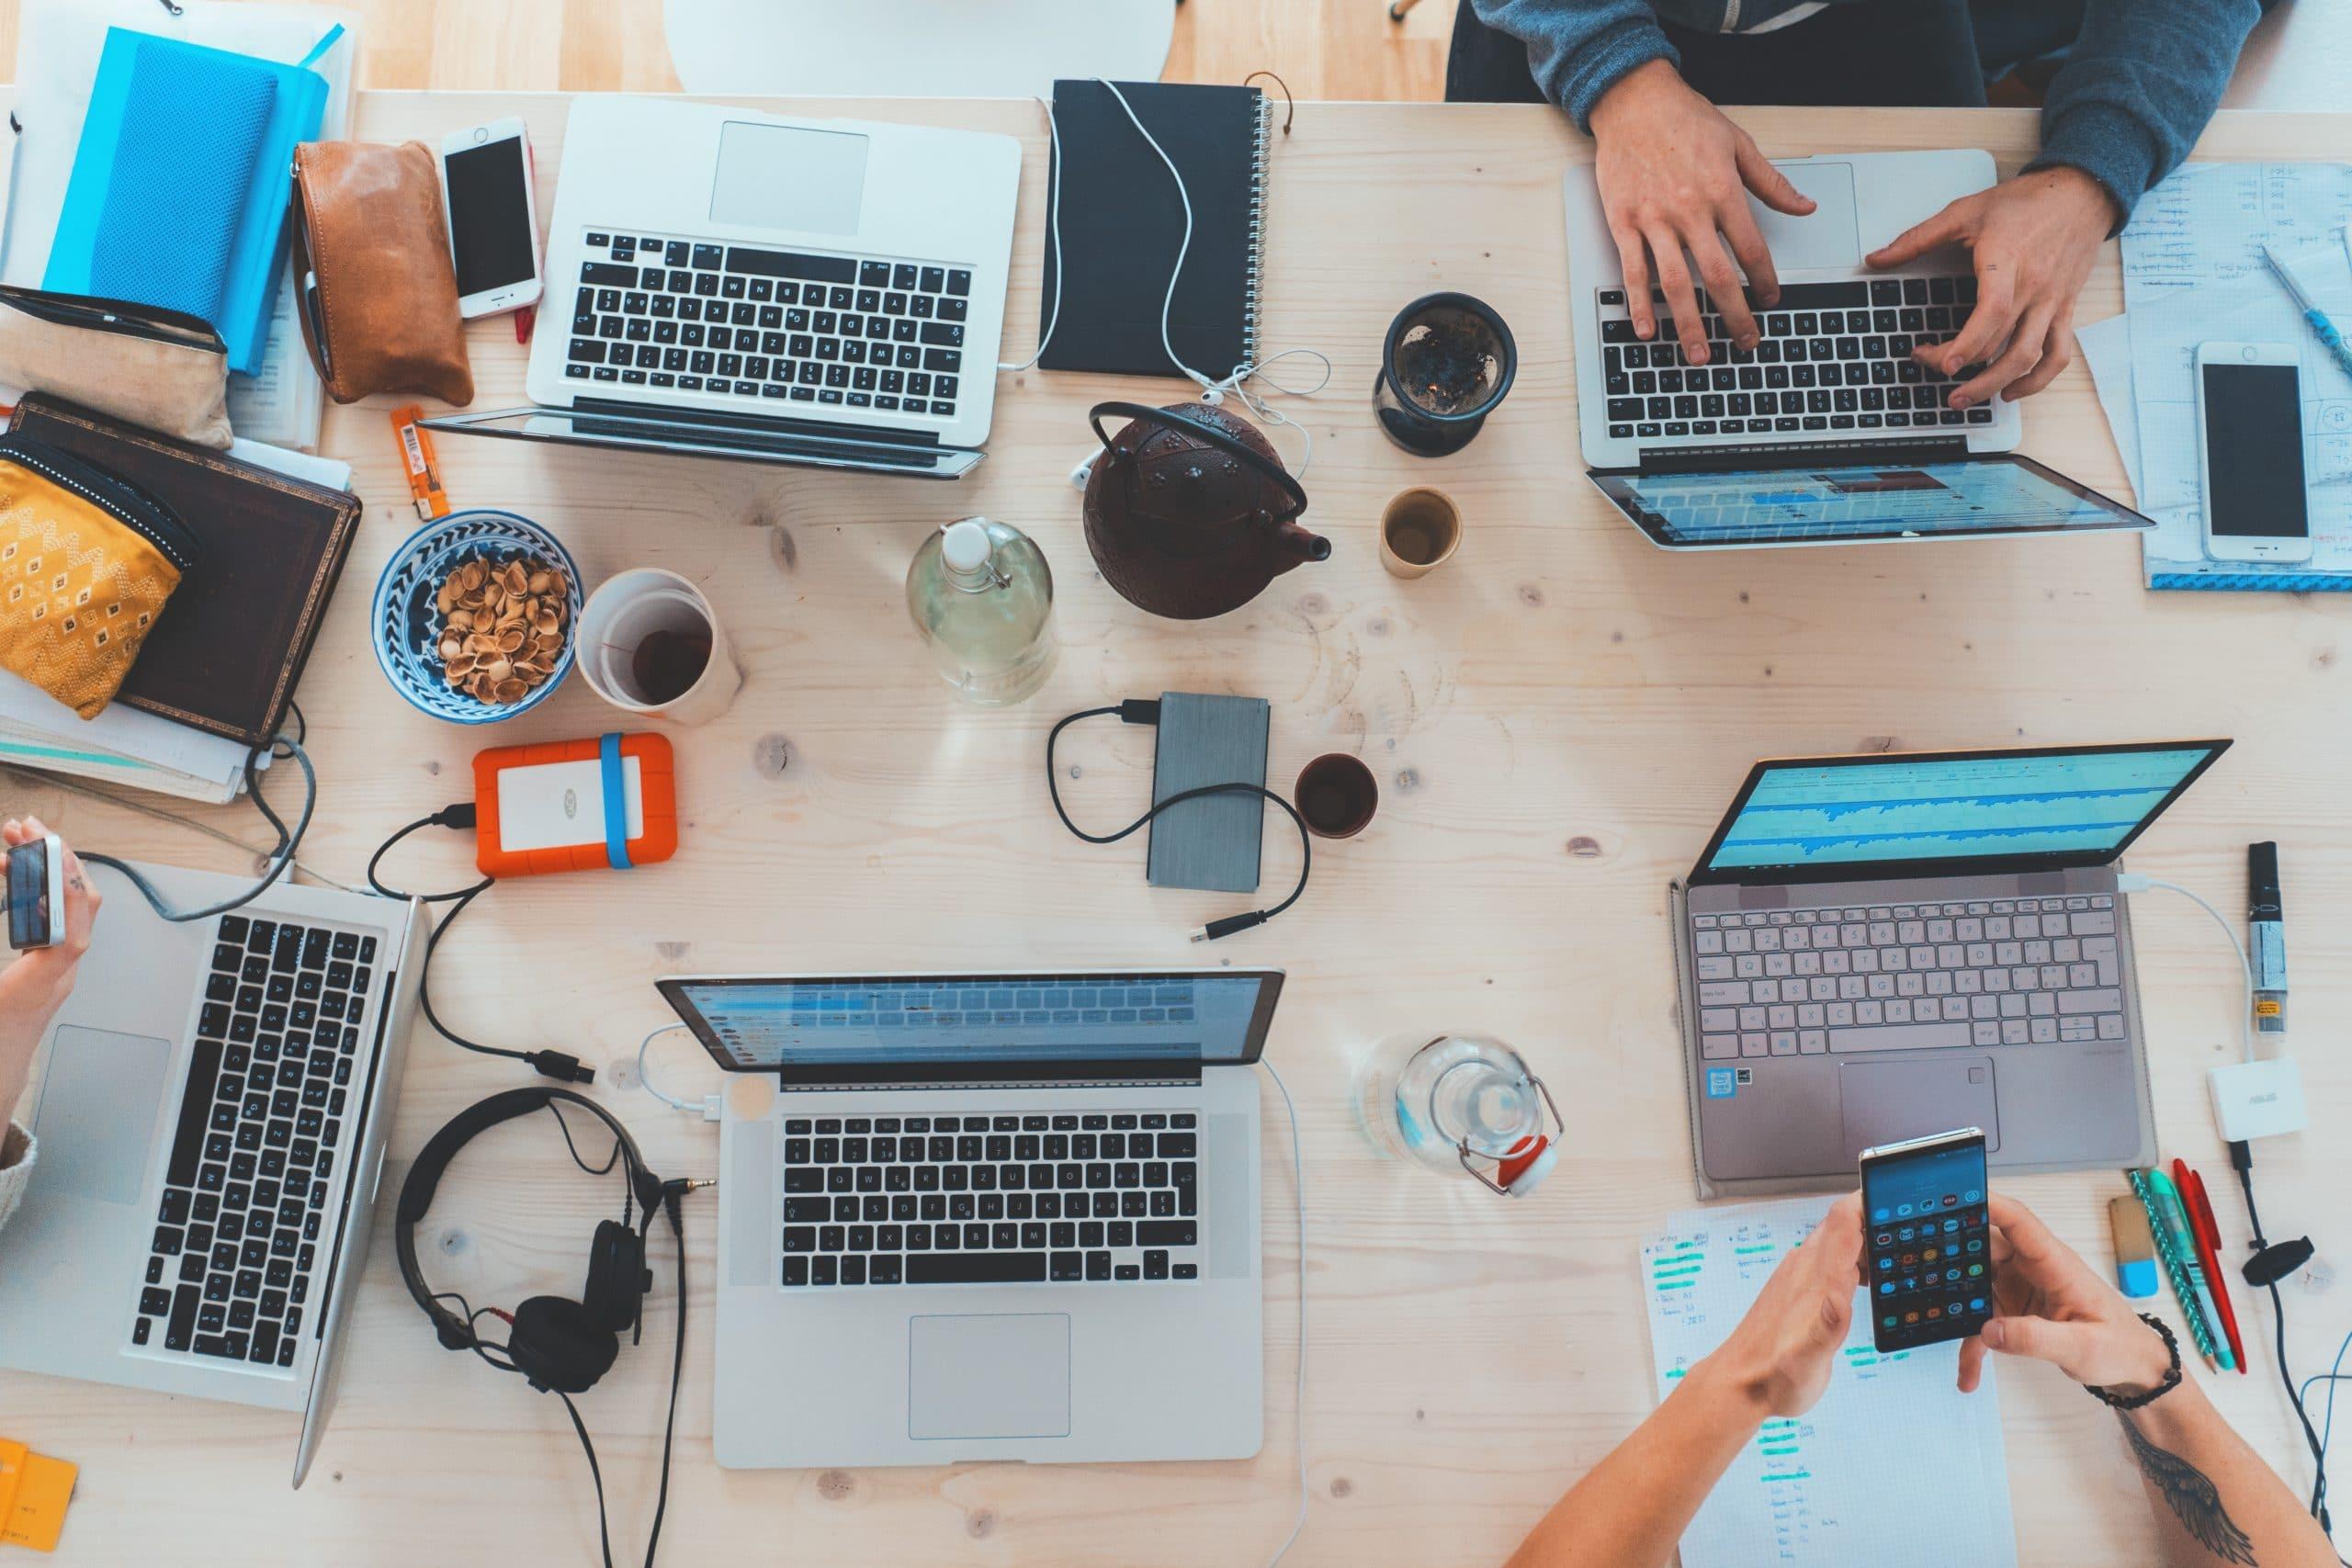 Mesa de trabalho com vários computadores.